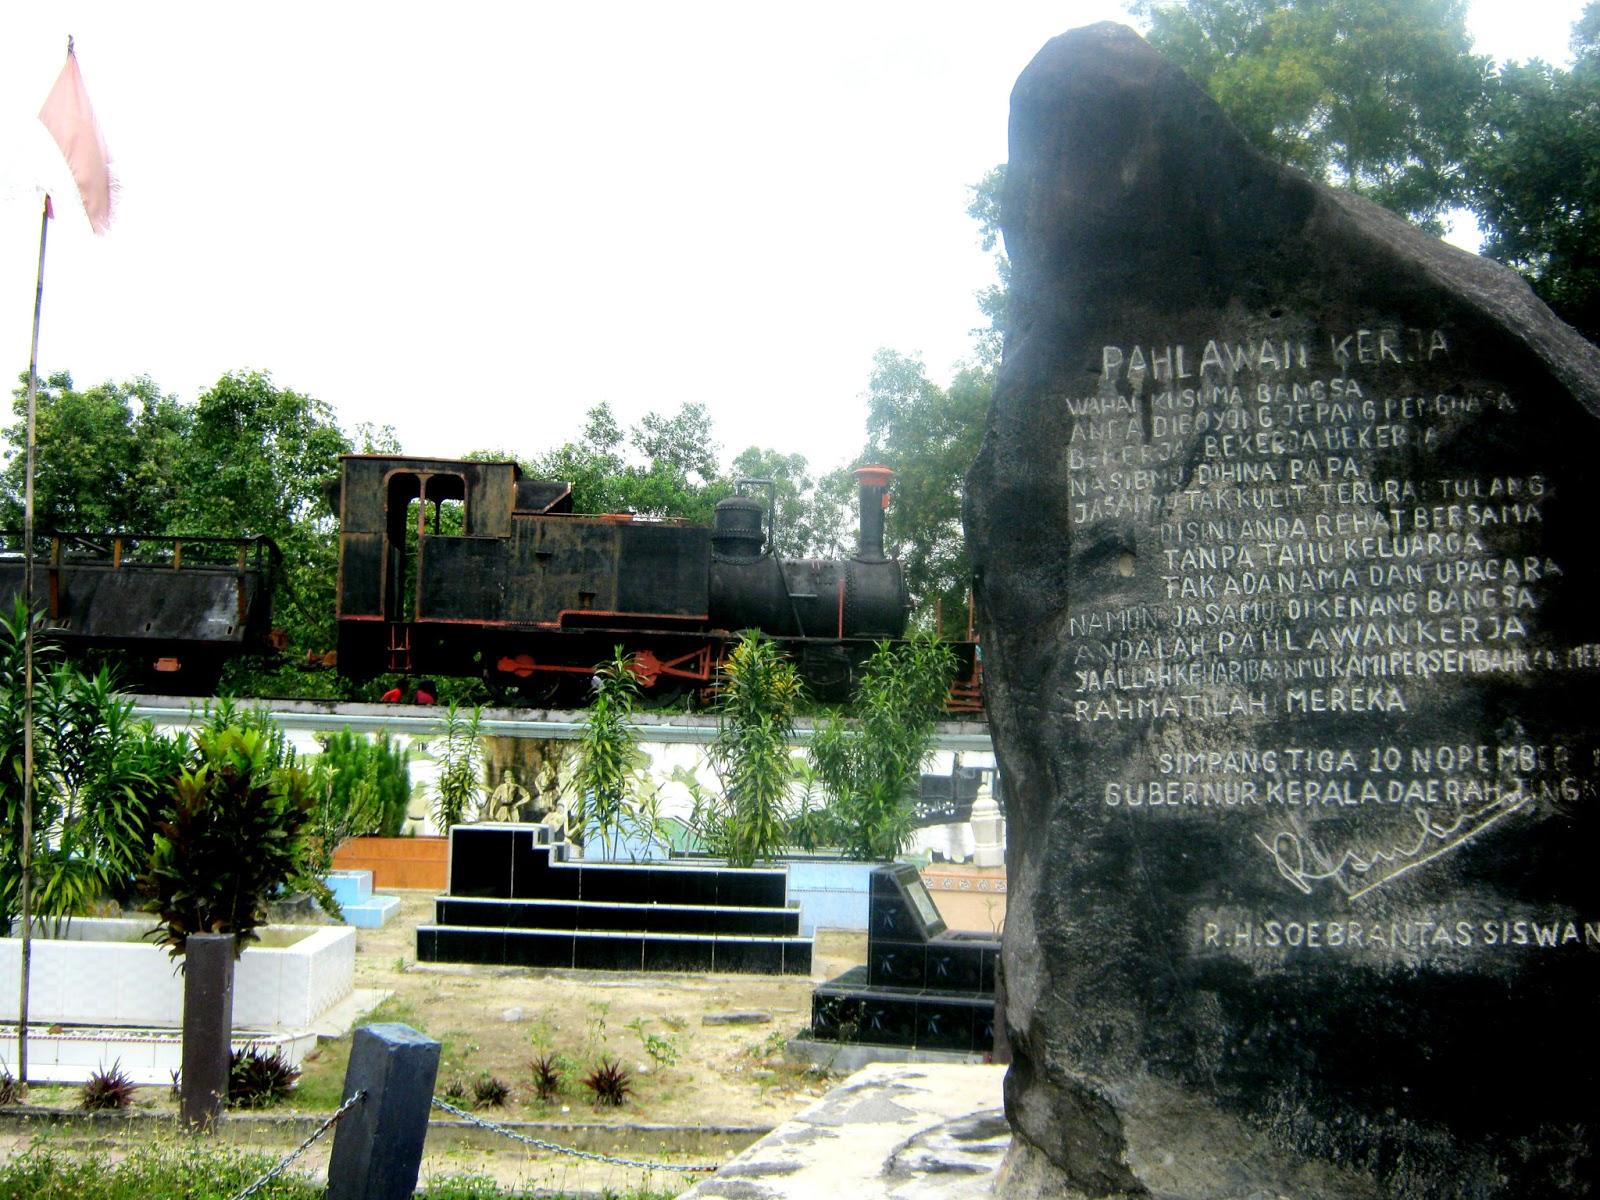 Monumen Tugu Pahlawan Kerja Pekanbaru Wisatariau Kota